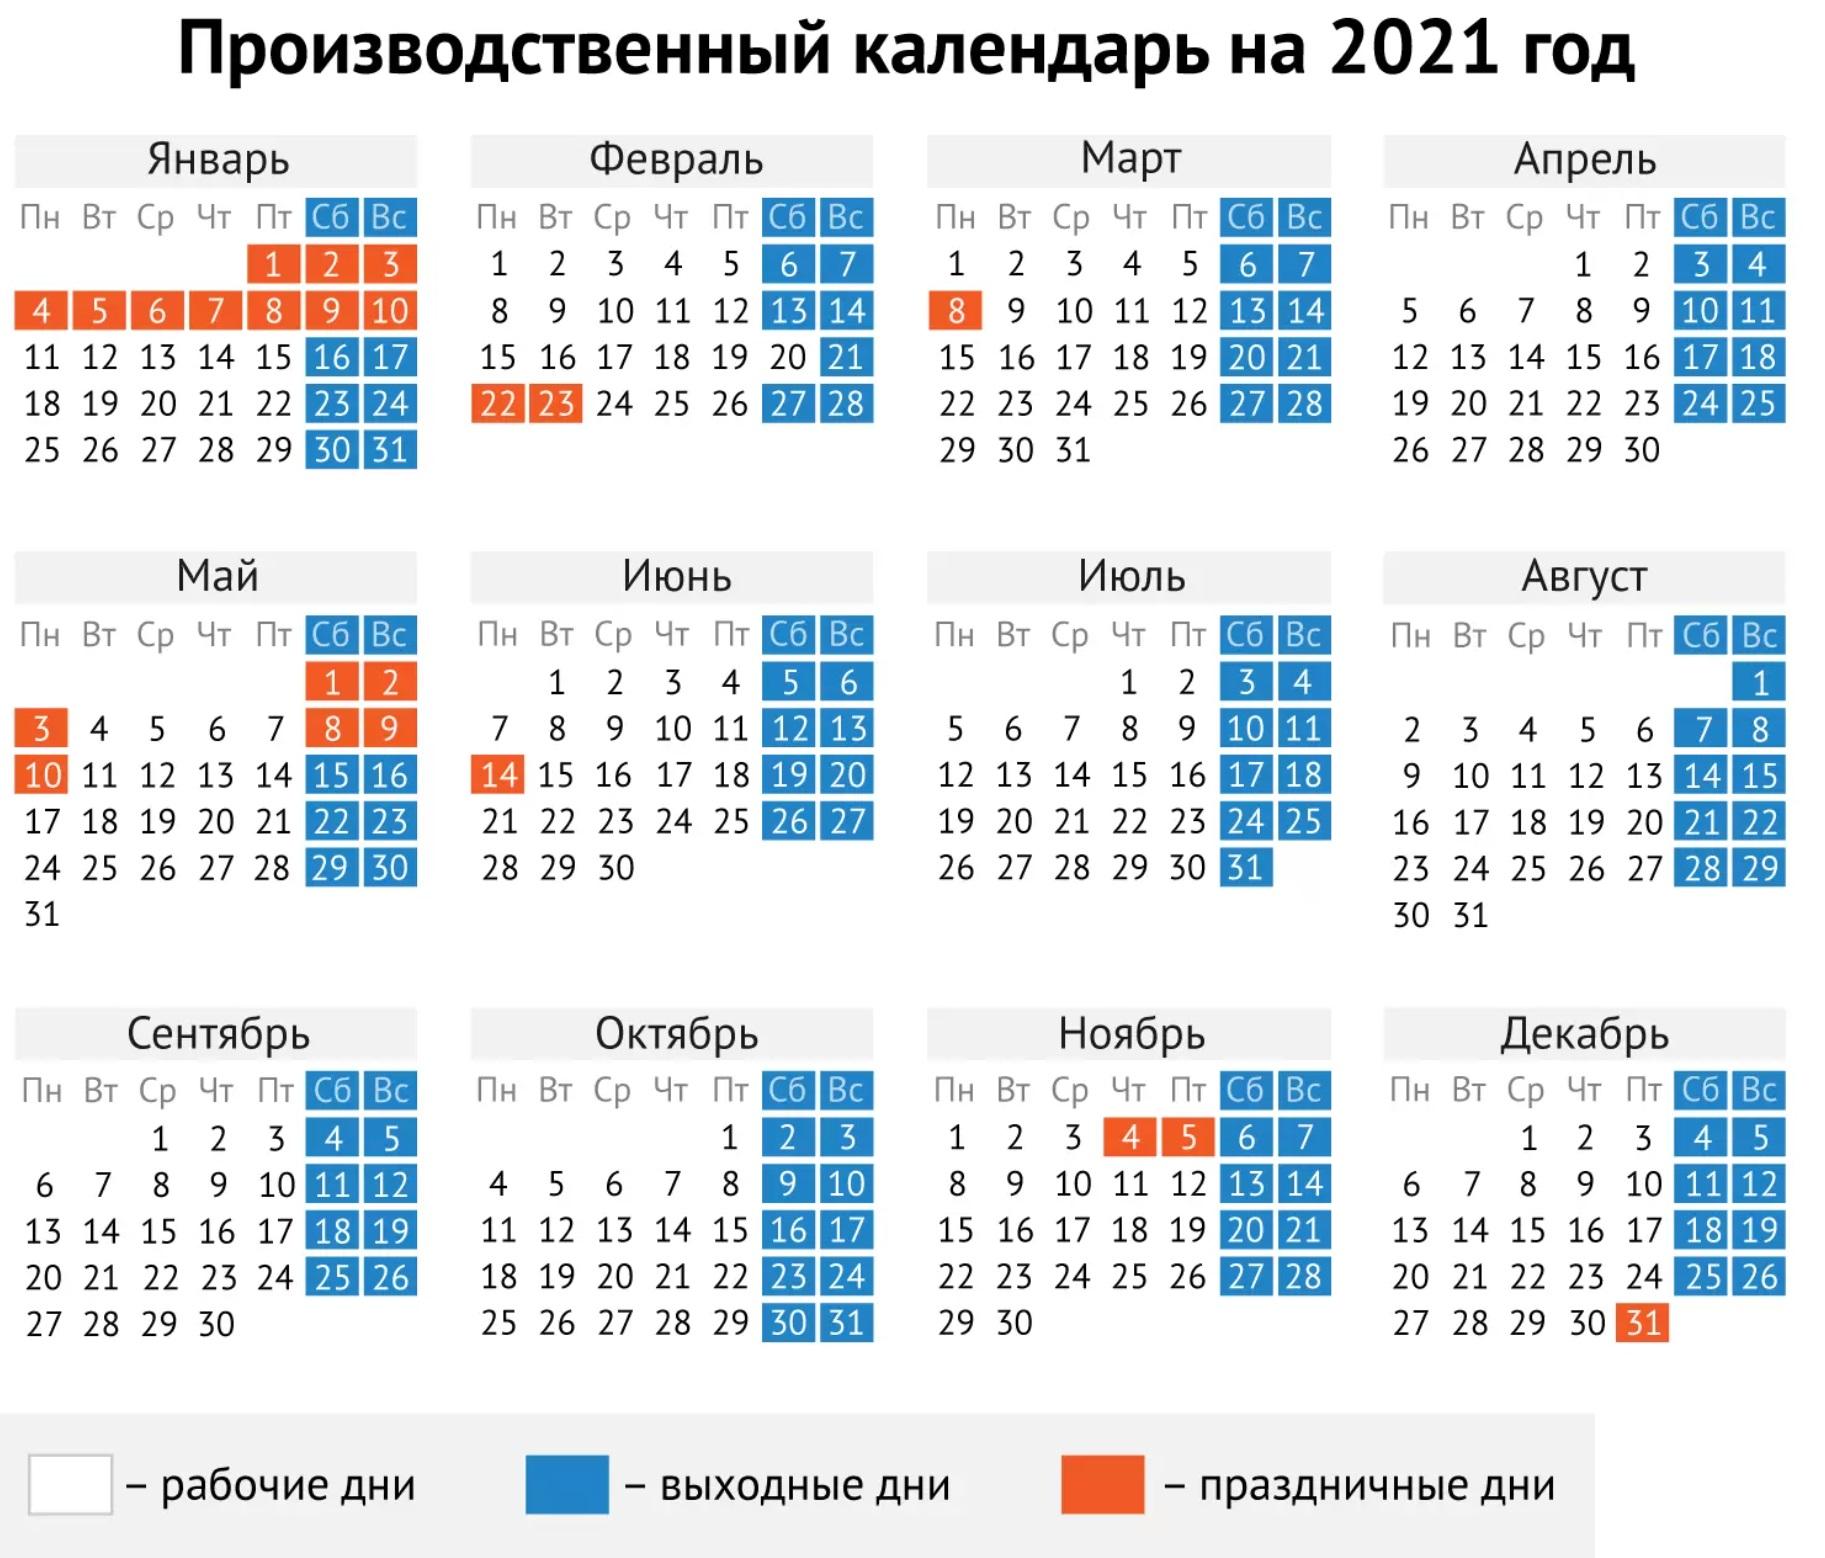 Производственный календарь праздников 2017 год